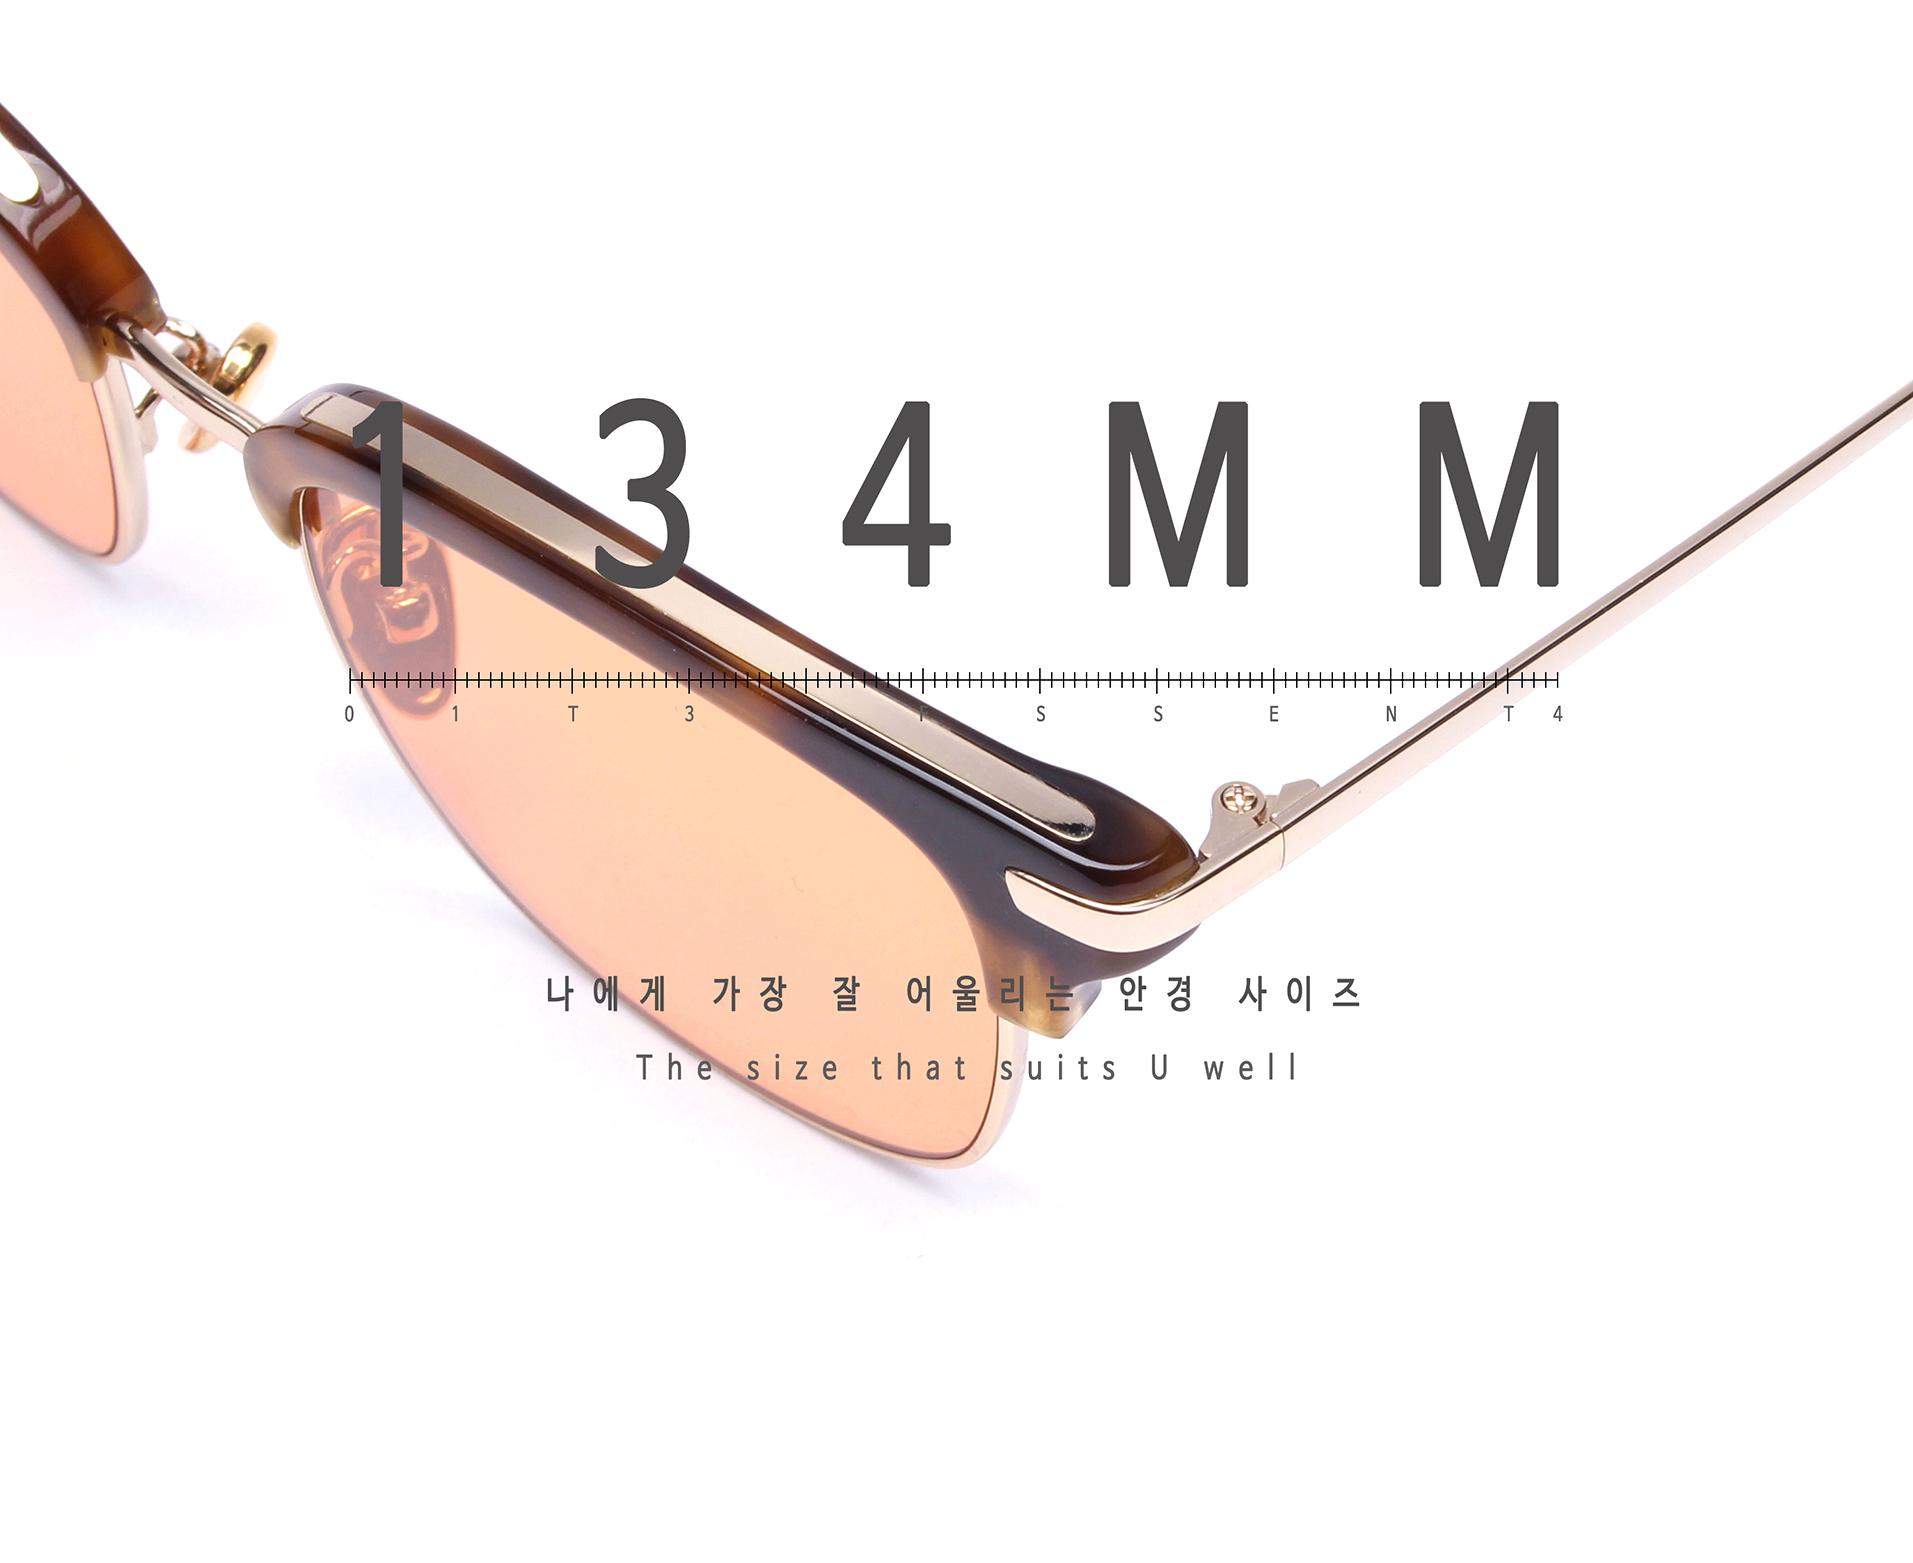 일삼사엠엠(134MM) A000515 오렌지틴트 선글라스